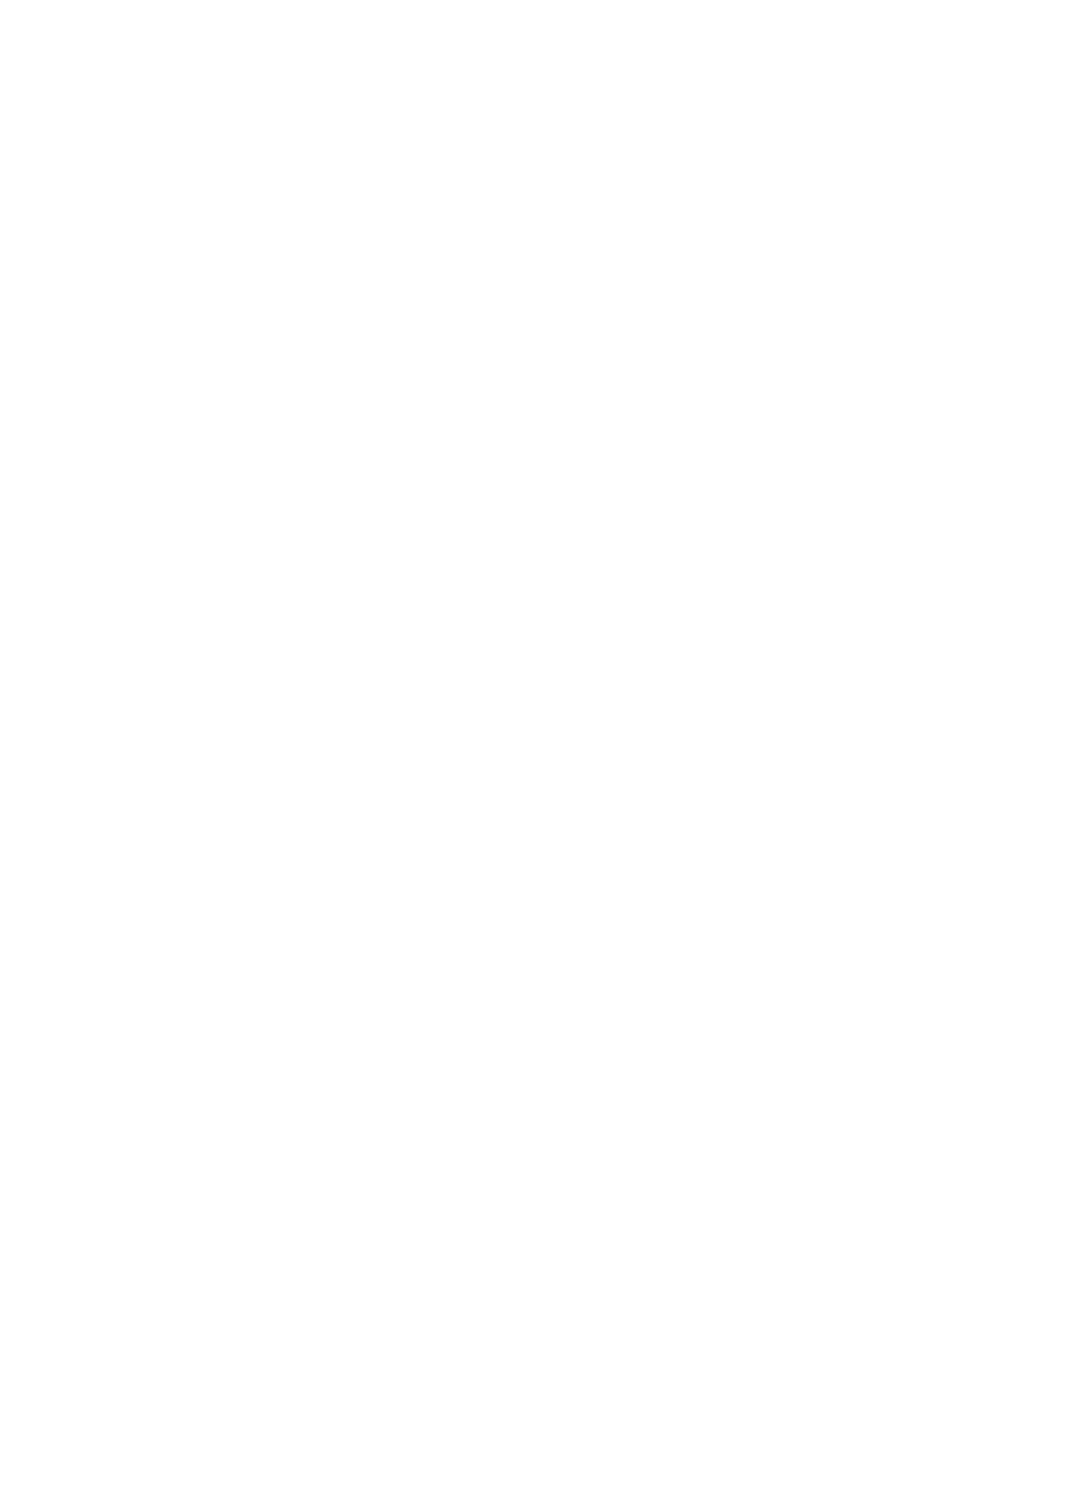 【エロ漫画】客として現れた魔王にソープで働いている事がバレてしまった勇者。彼とエッチなご奉仕をすることになった彼女は彼をマットの上でローションまみれにしてフェラや素股など、ローションプレイを施し、処女なのにも関わらず彼の上に跨って騎乗位で生挿入セックスする。